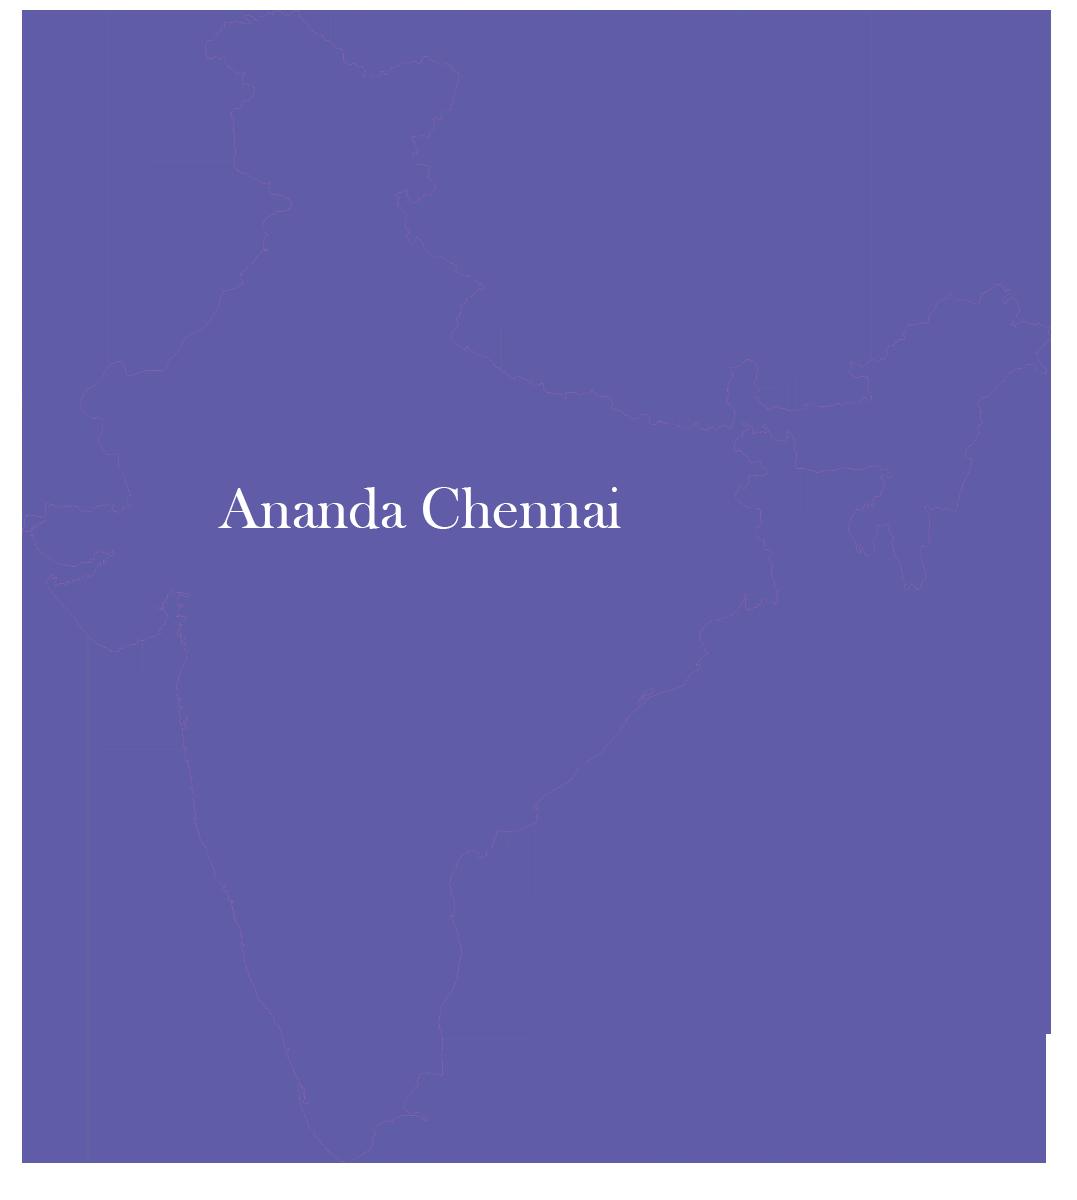 Ananda Chennai